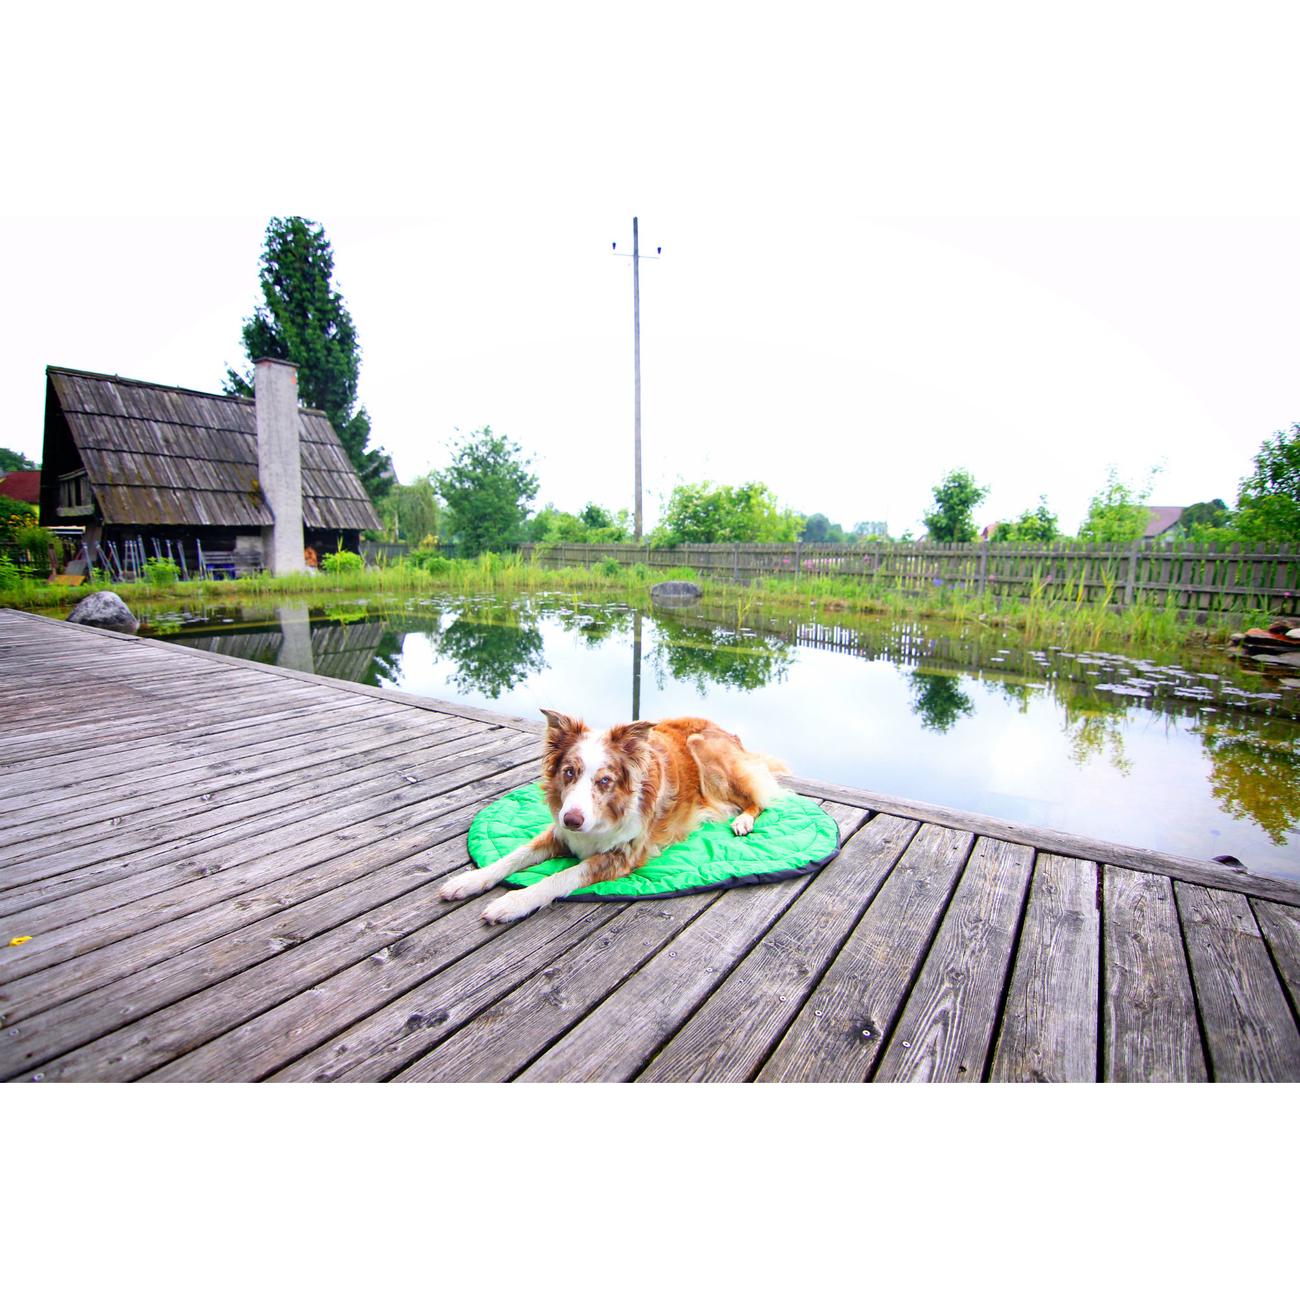 Ruffwear Hundebett Highlands Bed für Outdoor, Bild 6